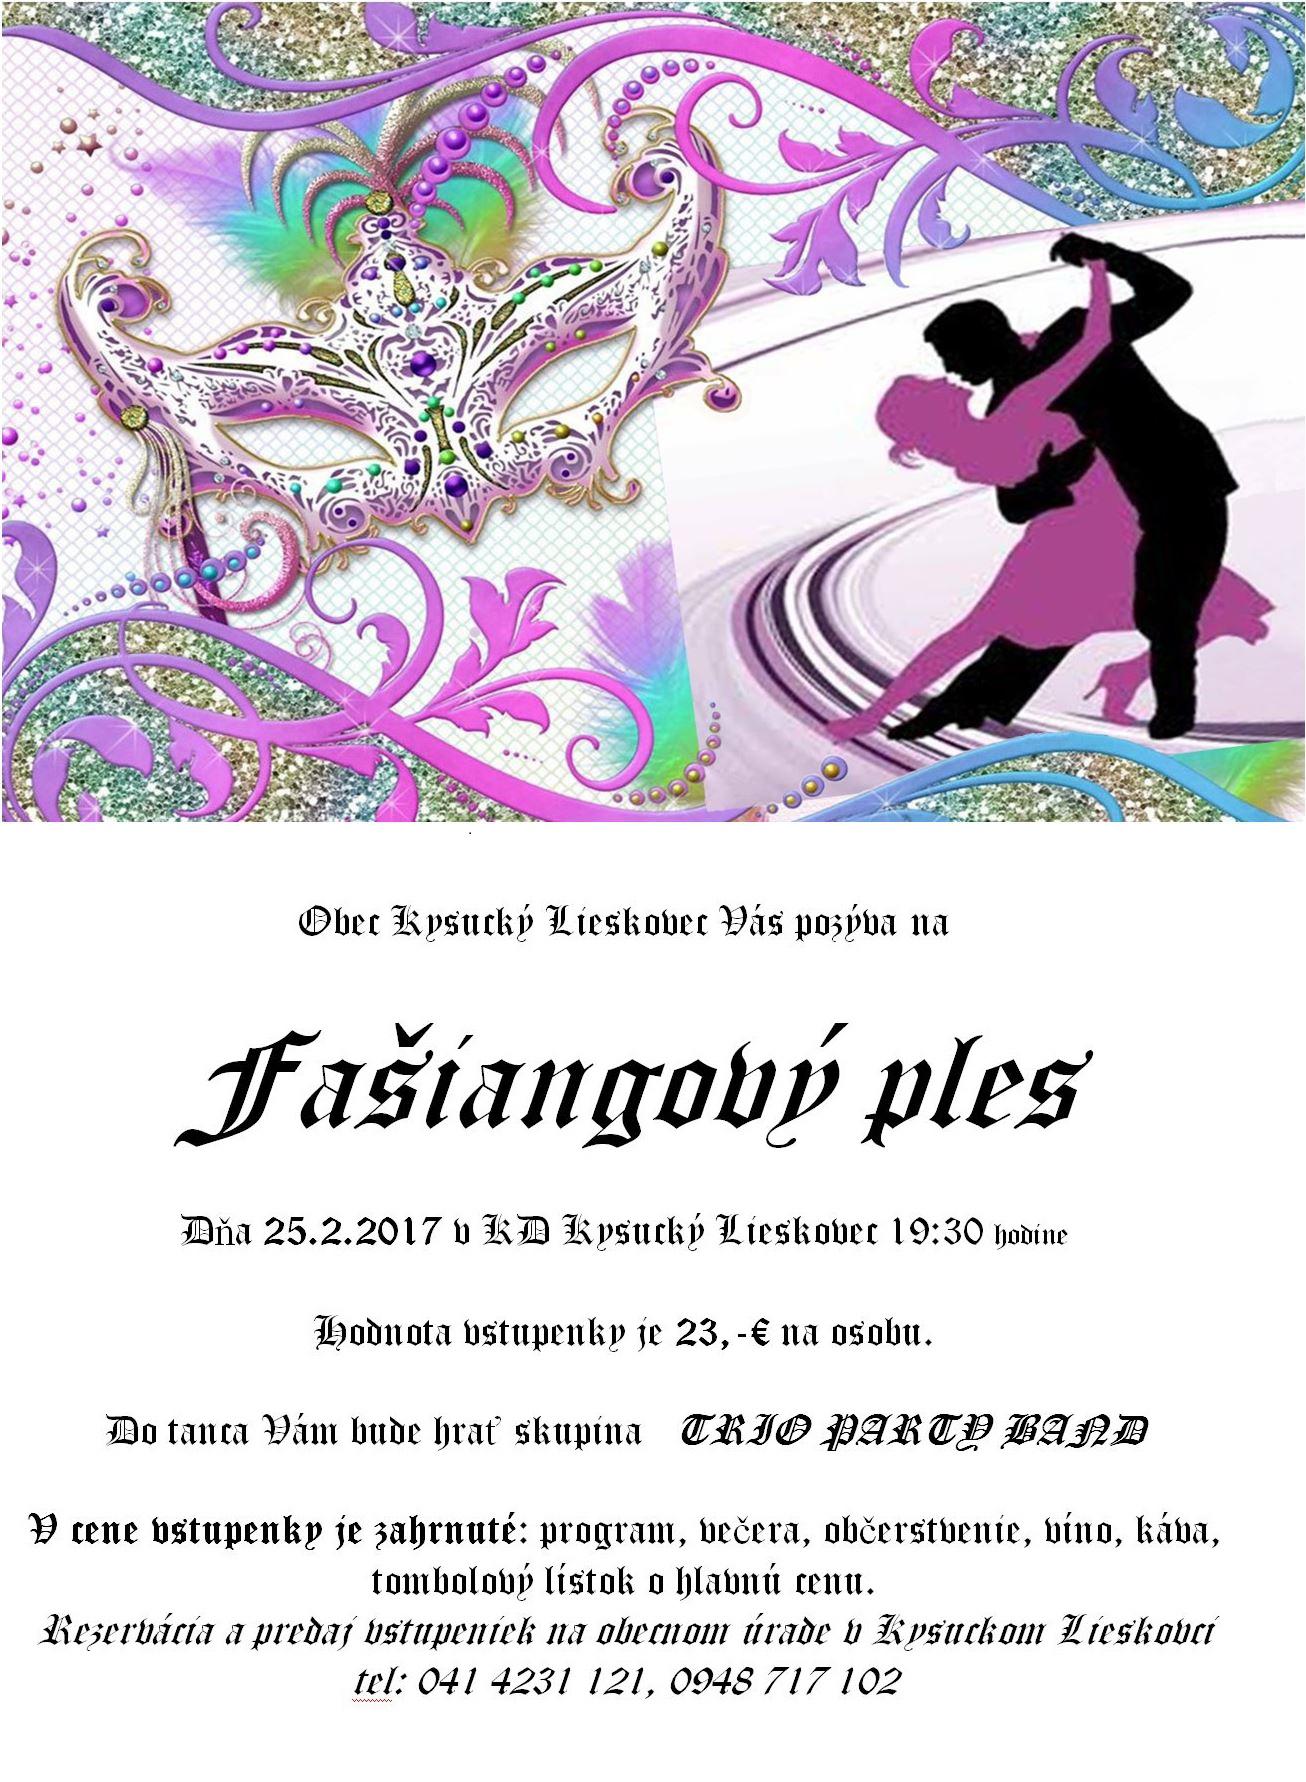 Pozvánka na Fašiangový ples